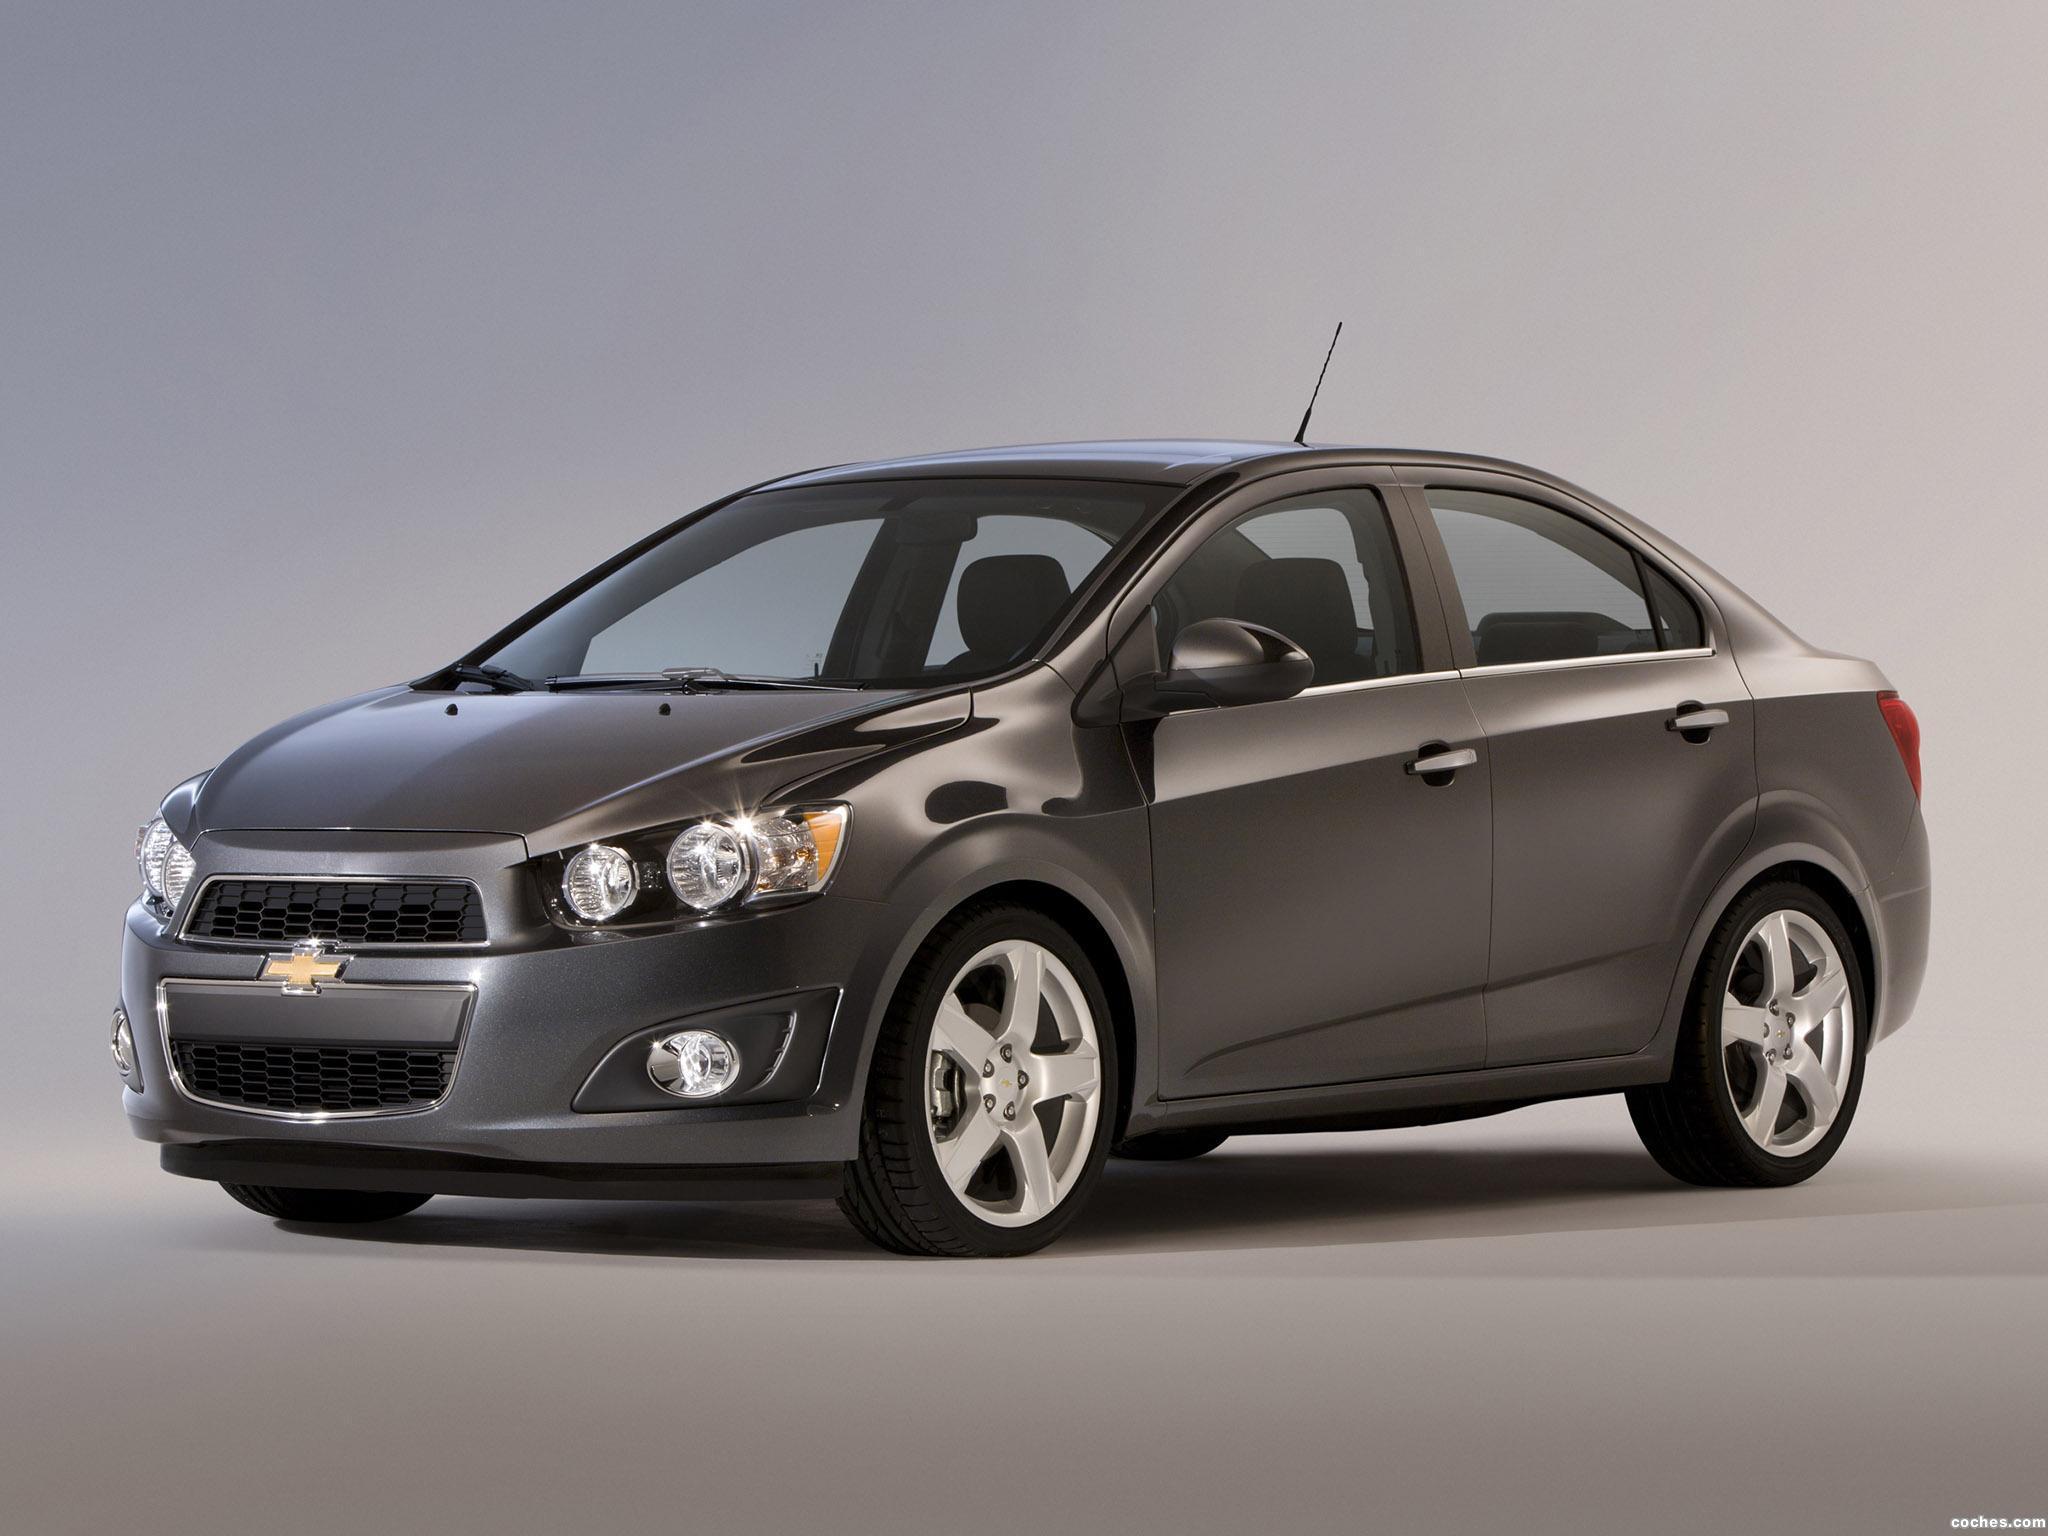 Foto 0 de Chevrolet Sonic Sedan 2011